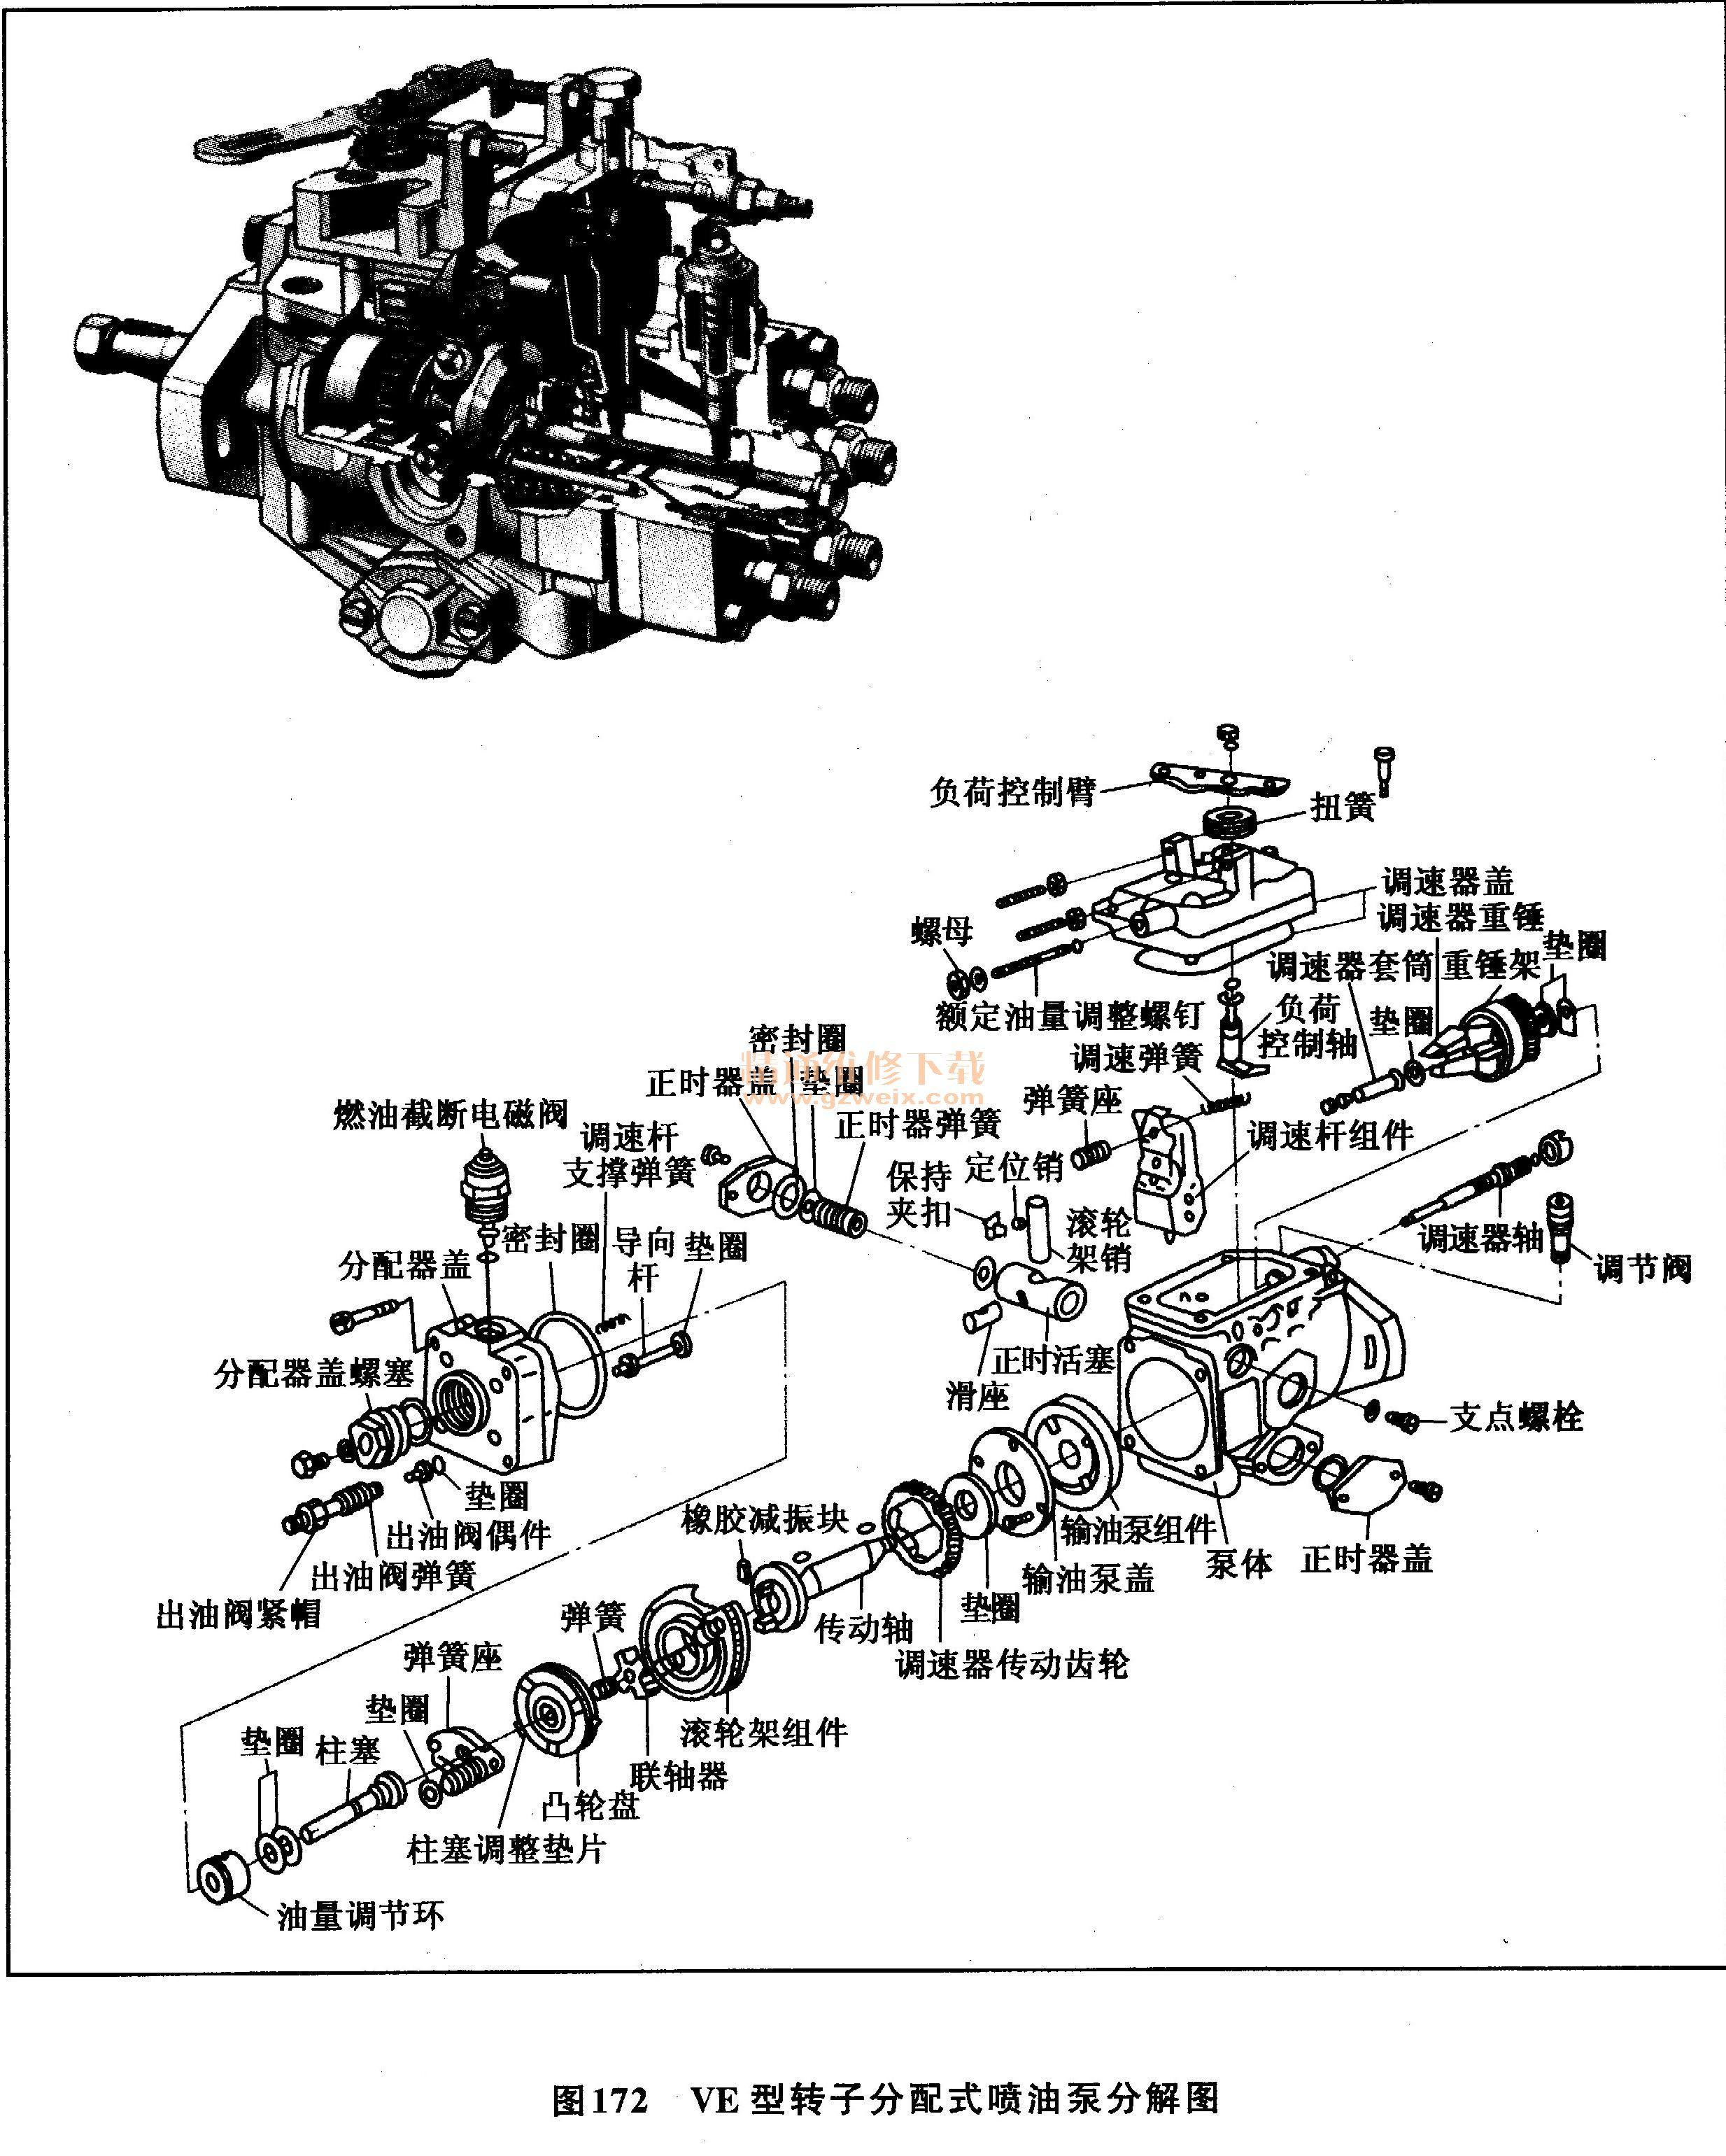 柴油发动机燃料供给系统主要部件的结构与维修